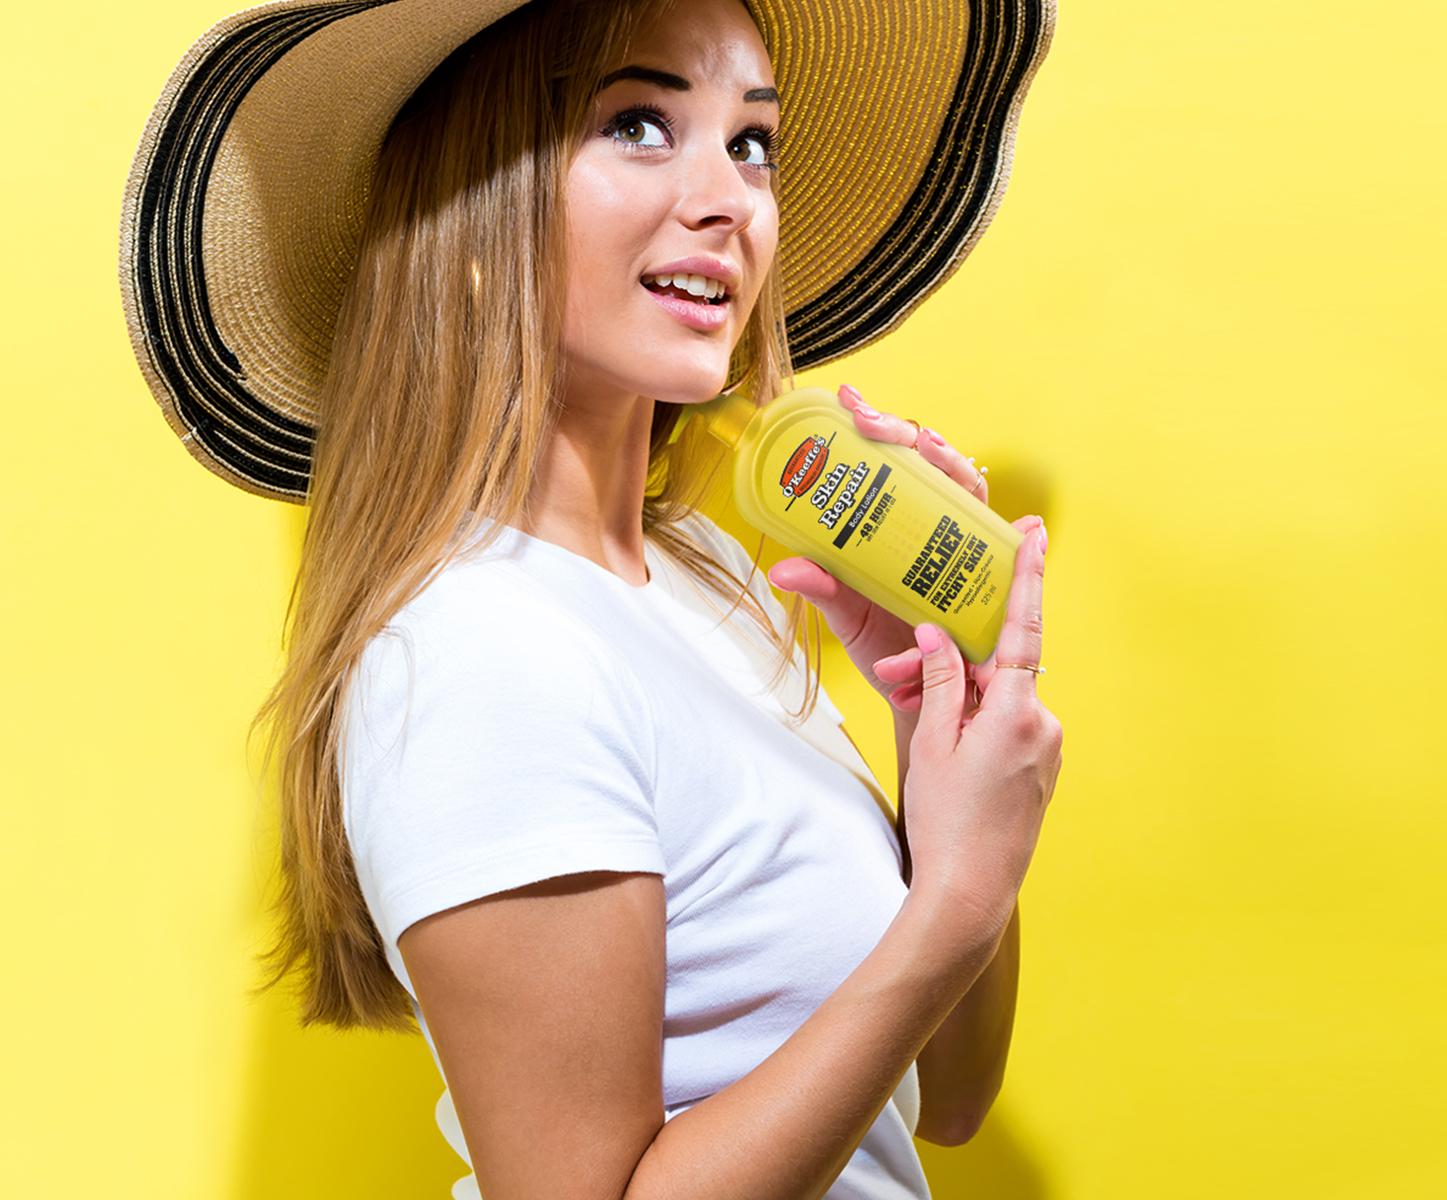 Best dry skin moisturiser